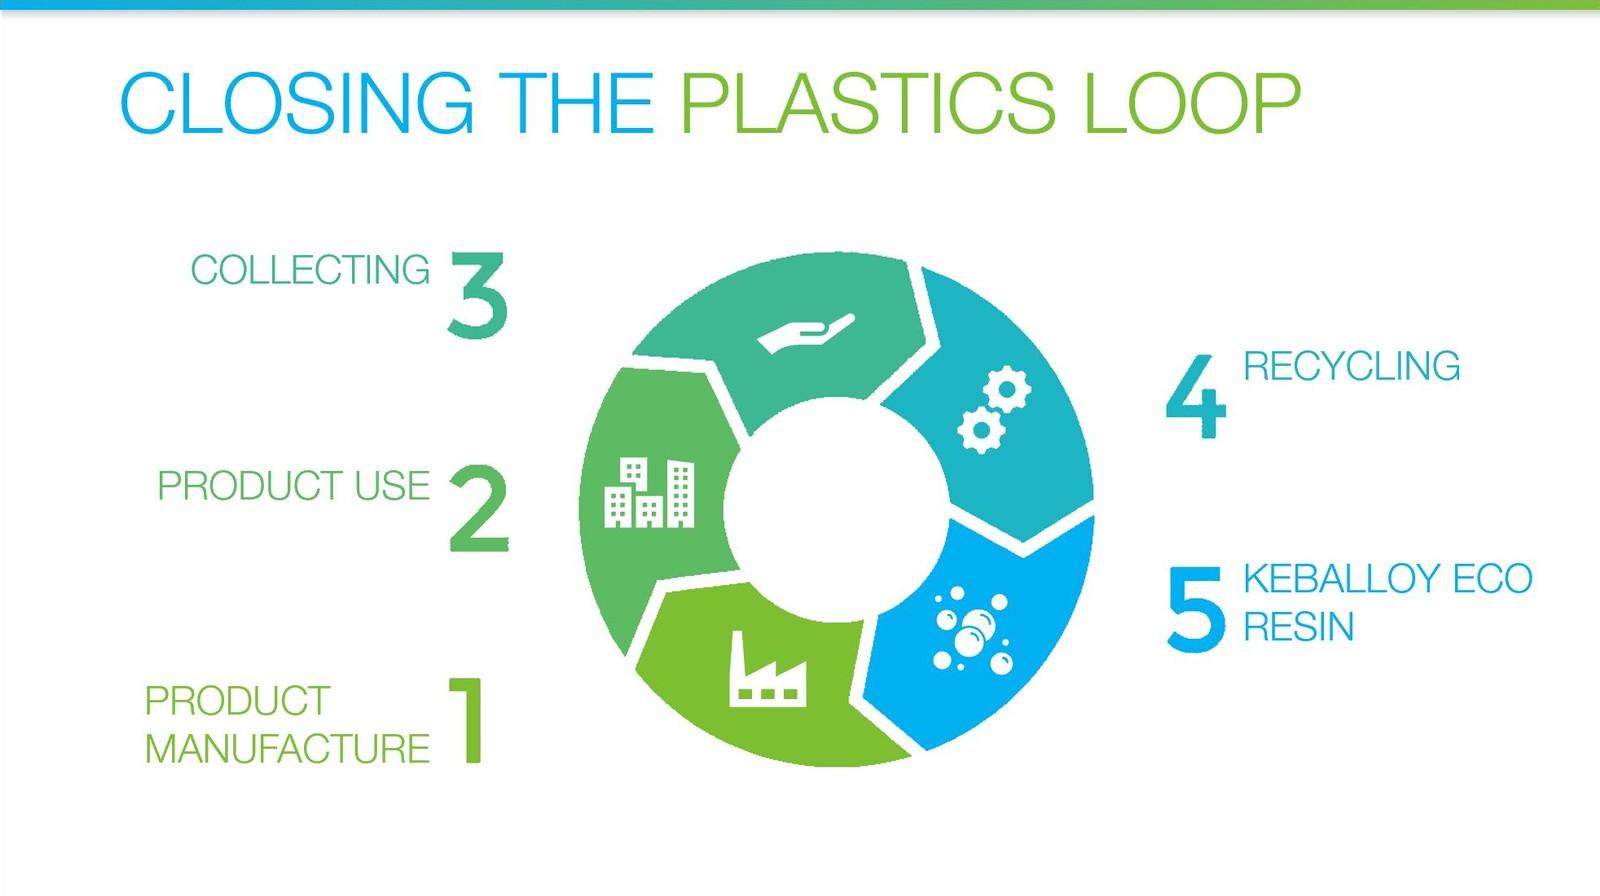 Circular solutions: Die Barlog Gruppe mit Ihren Unternehmen Barlog Plastics und Bahsys rückt zur K 2019 nachhaltige Lösungen in den Fokus.